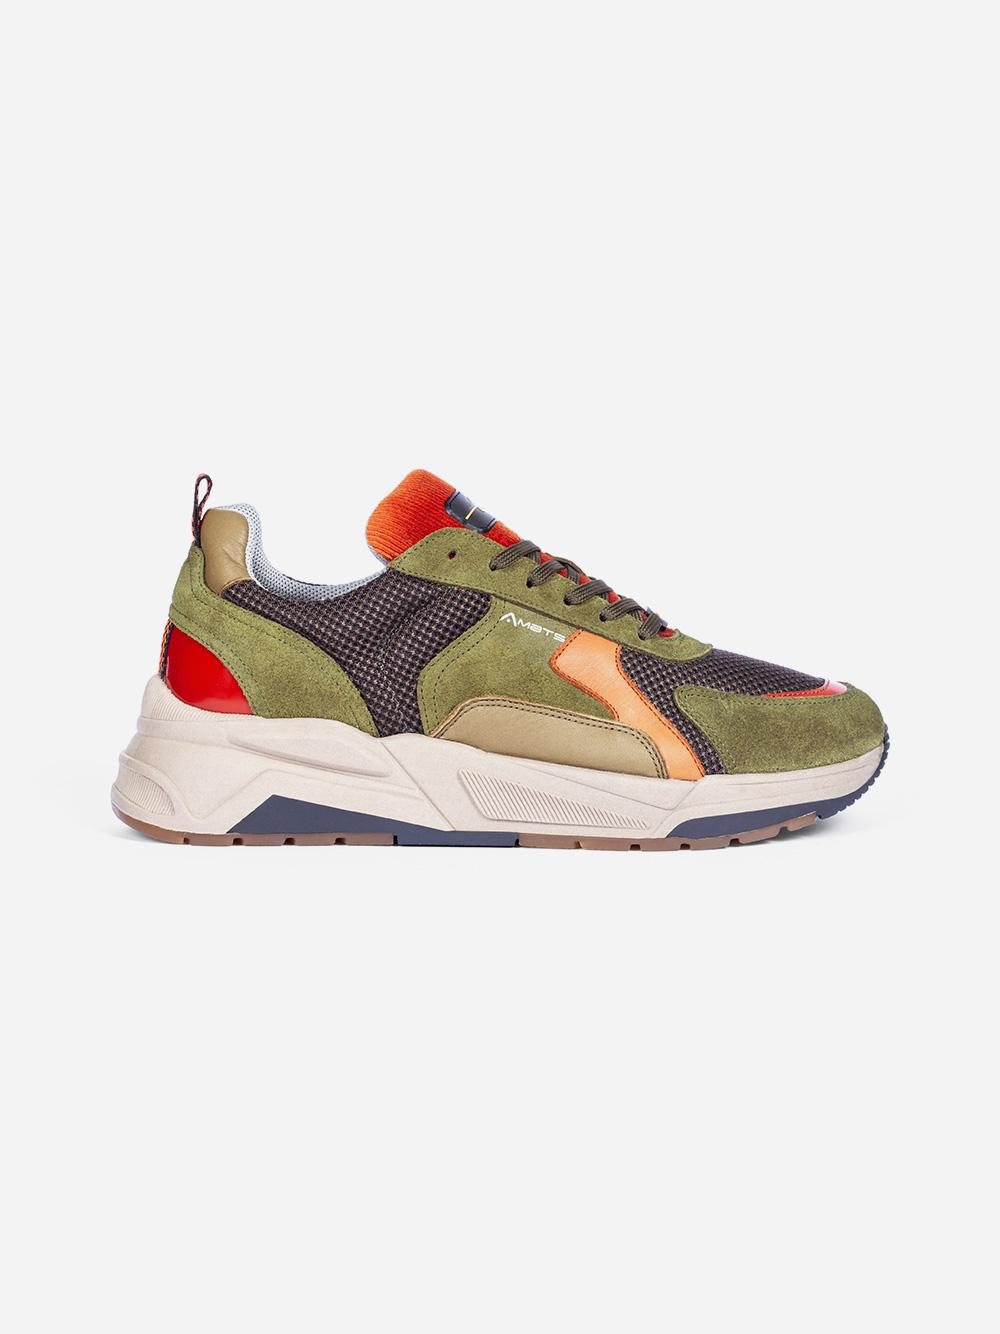 Kaki Cognac Sneakers